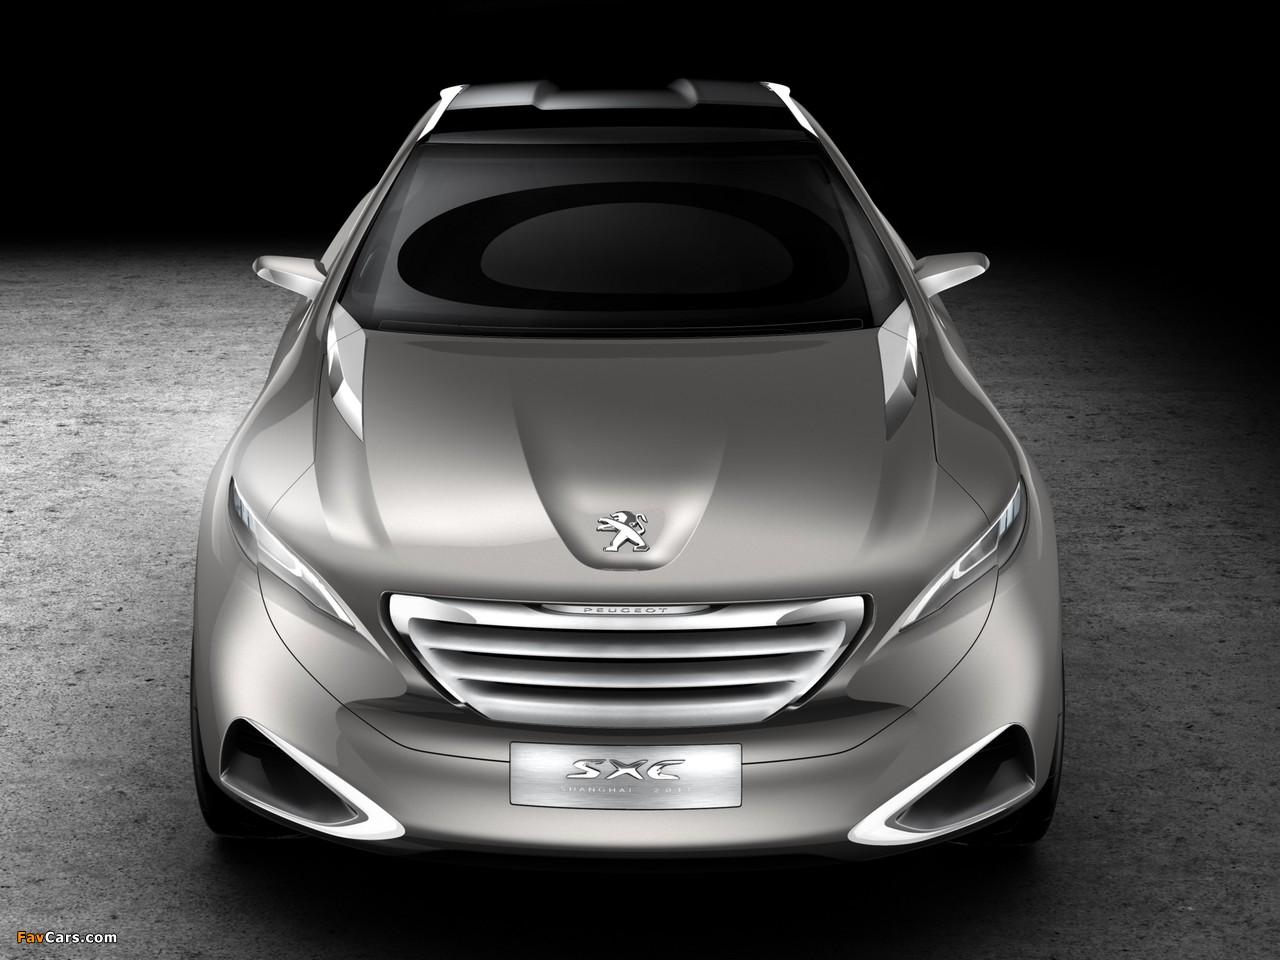 Peugeot SXC Concept 2011 photos (1280 x 960)